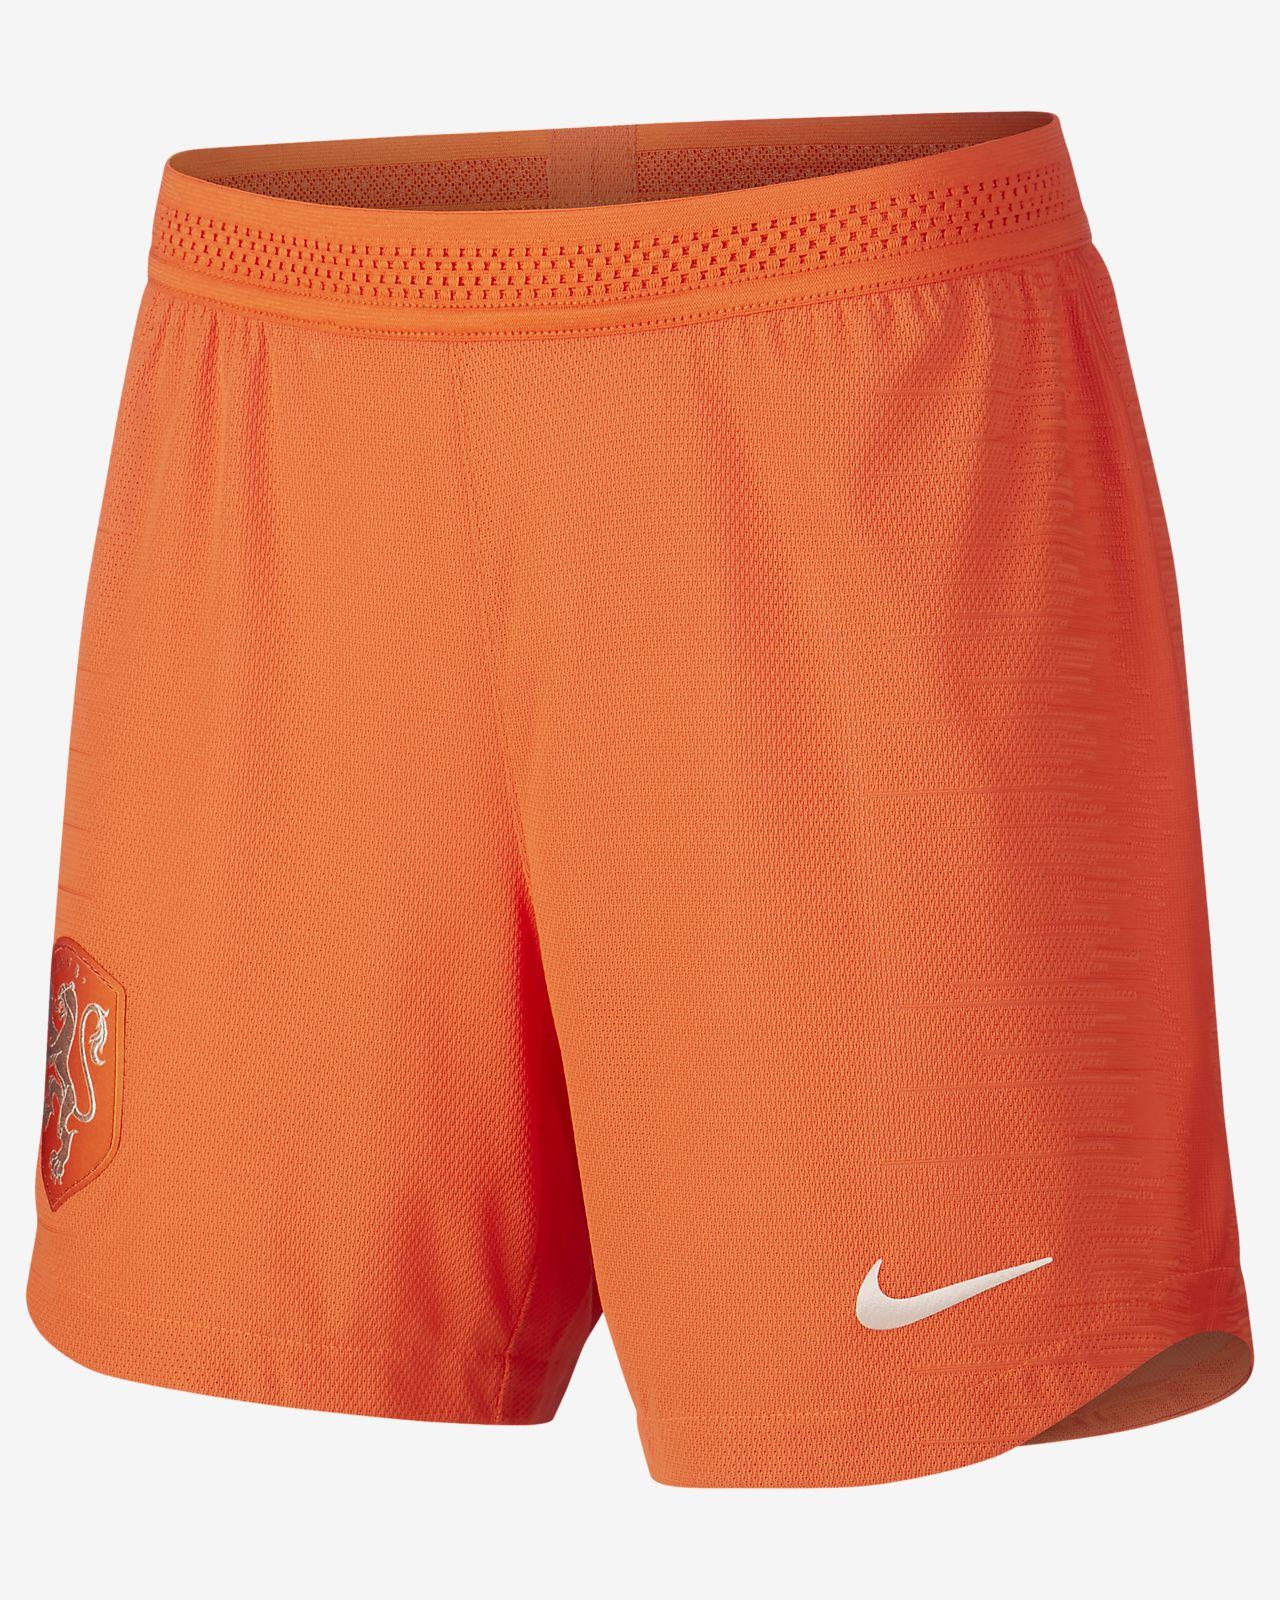 Netherlands 2019 Vapor Match Home Women's Football Shorts